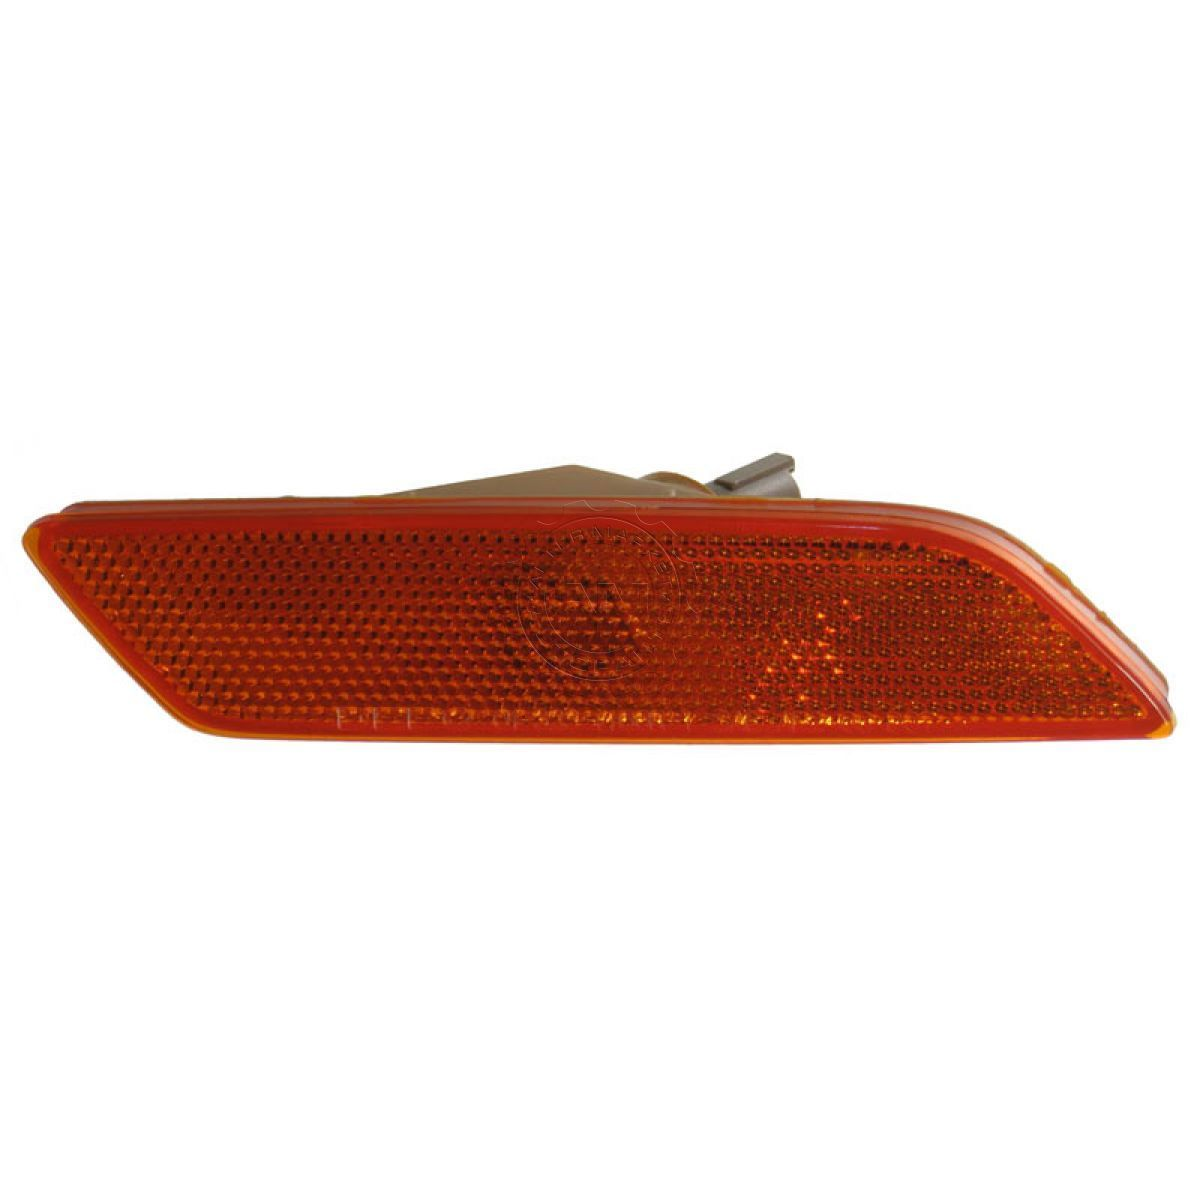 コーナーライト Front Side Marker Light Passenger Side Right RH For Optima フロントサイドマーカーライト助手席側右RHオプティマ用